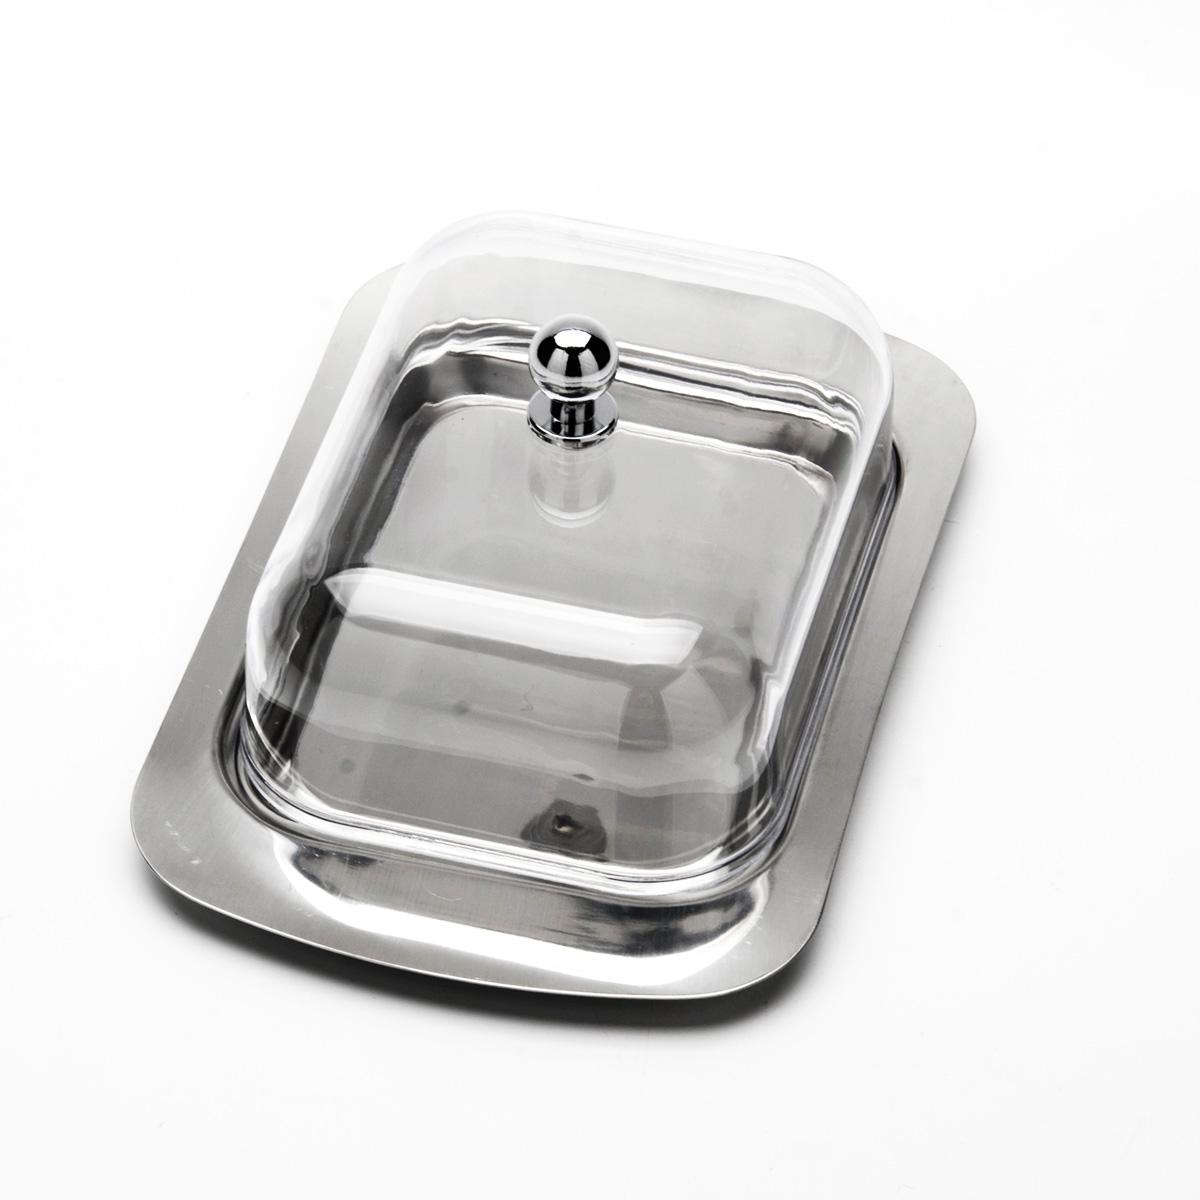 Масленка Mayer & Boch. 2000220002Масленка Mayer & Boch предназначена для красивой сервировки и хранения масла. Она состоит из акриловой крышки и подноса из нержавеющей стали. Масло в ней долго остается свежим, а при хранении в холодильнике не впитывает посторонние запахи. Гладкая поверхность обеспечивает легкую чистку.Размер подноса: 18,7 см х 12 см х 1,2 см.Размер крышки: 13,5 см х 10 см х 5,5 см.